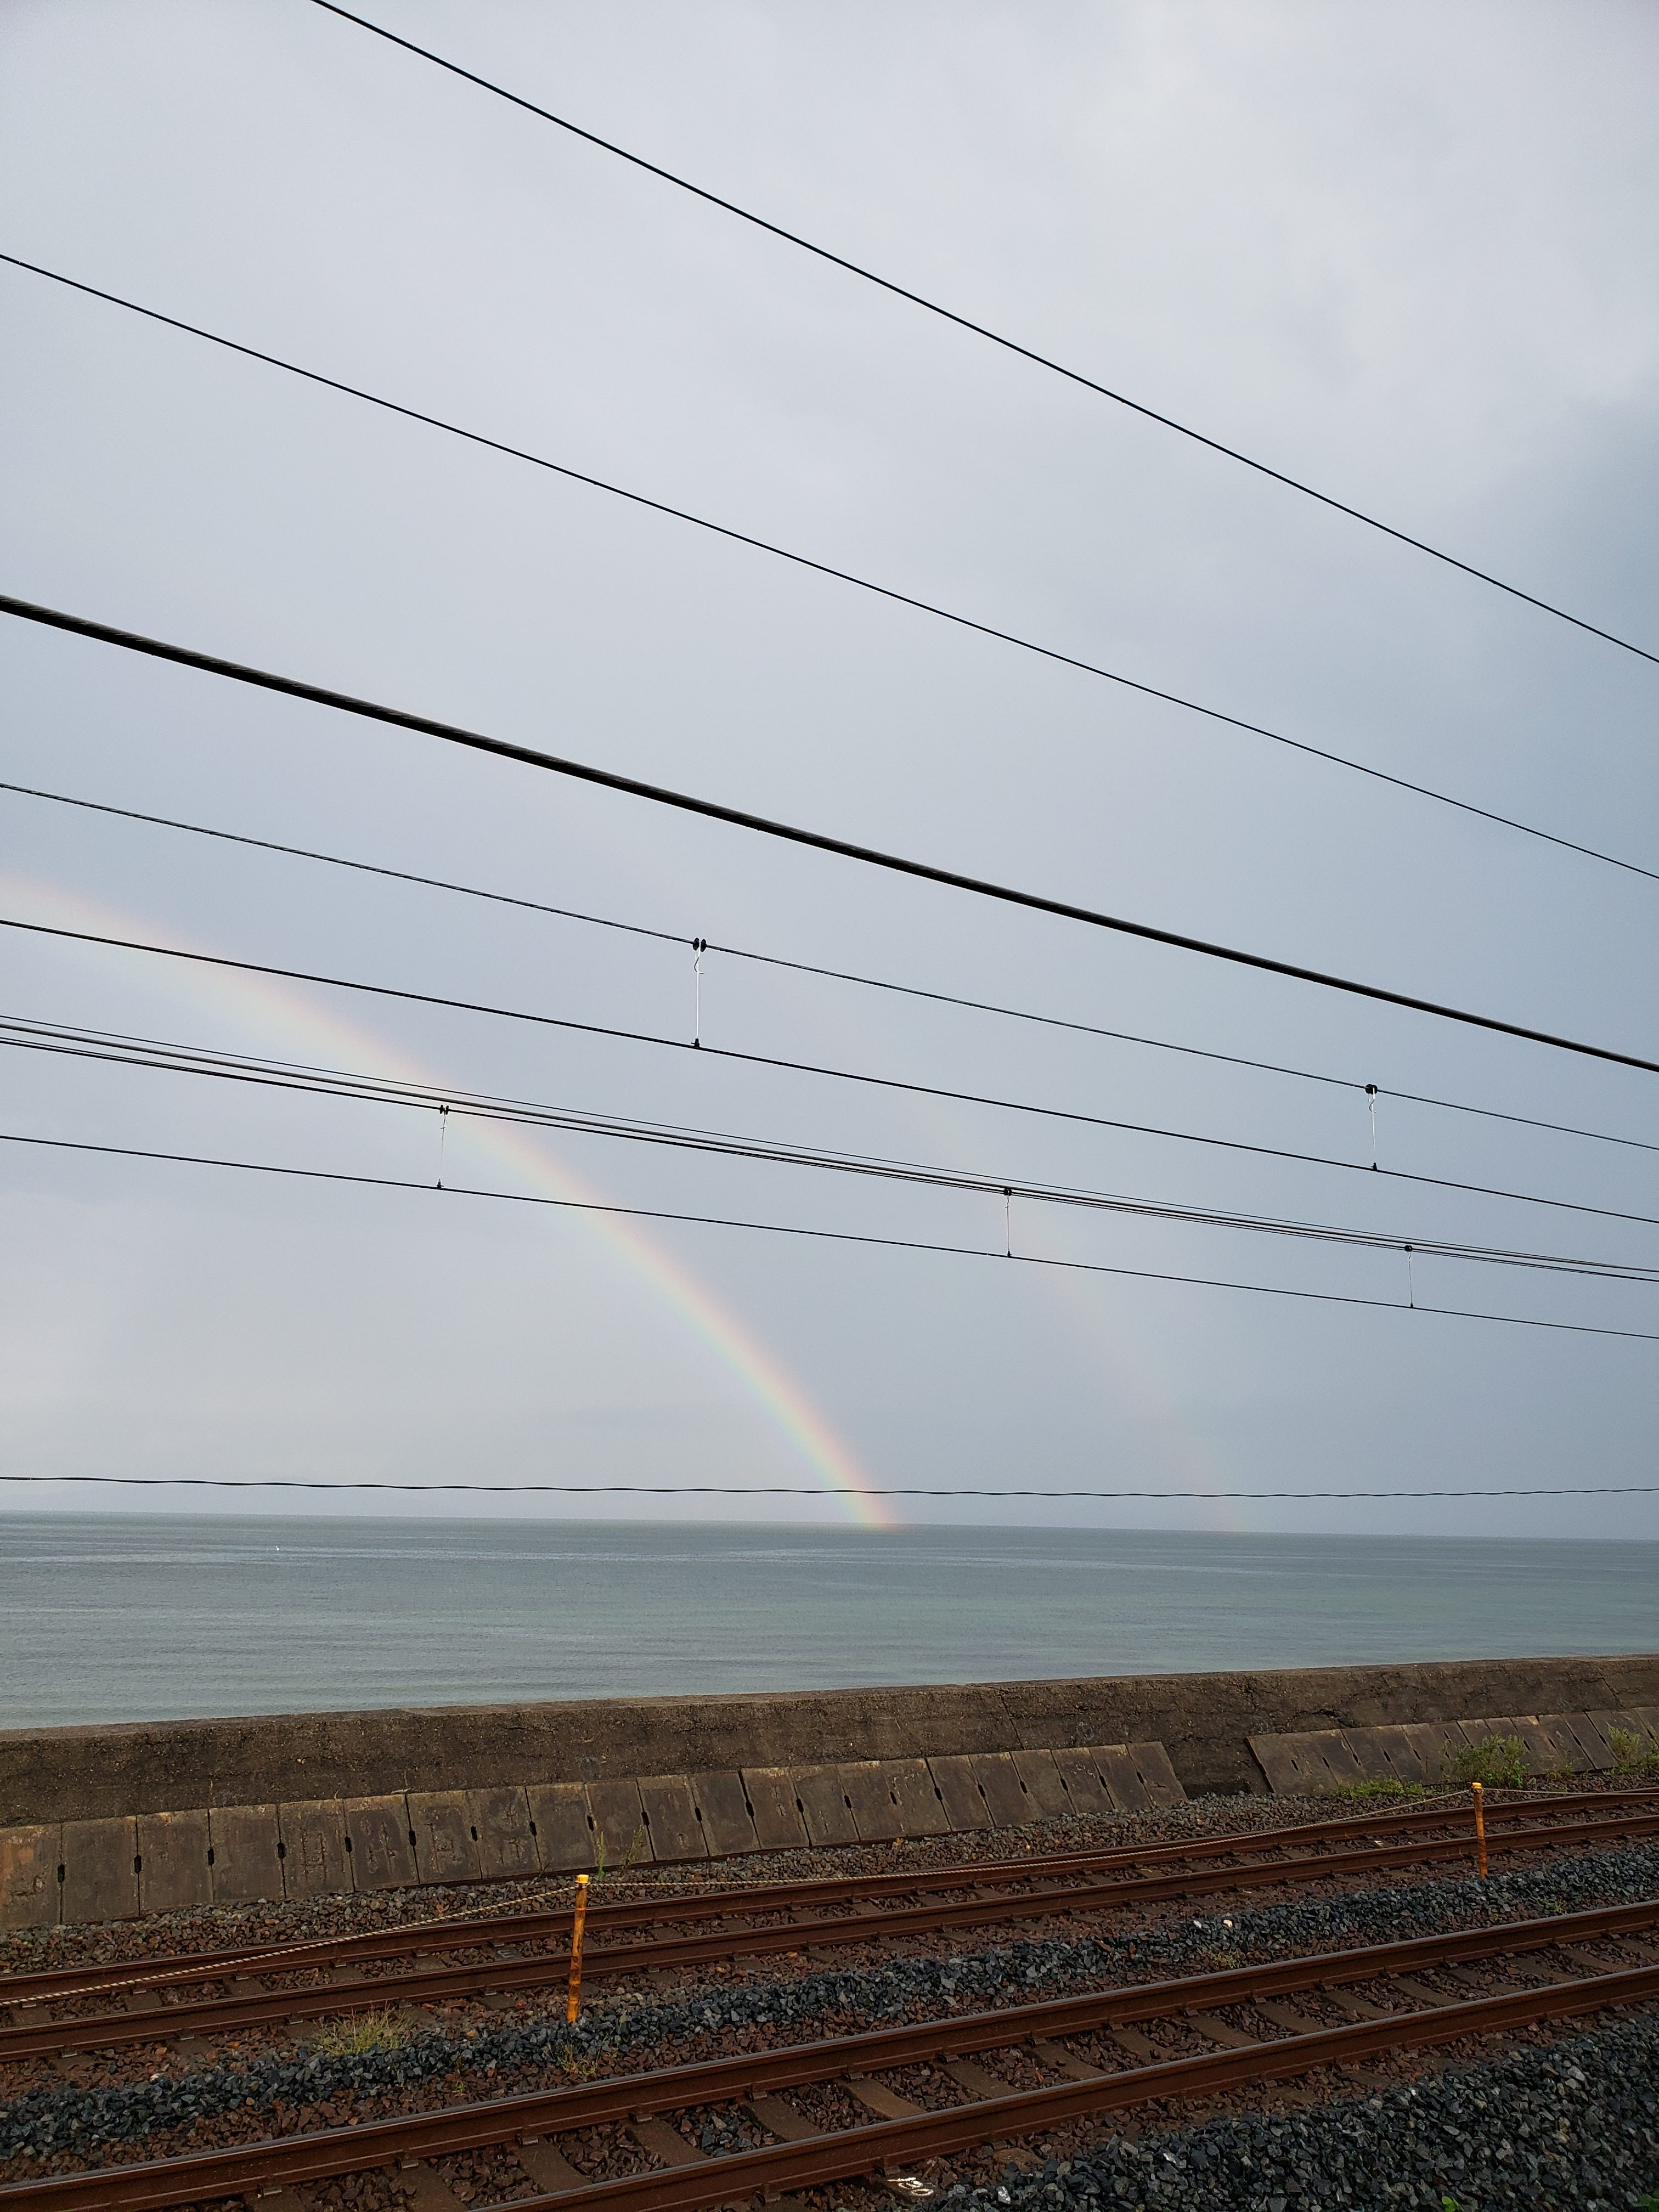 虹 二重虹 ギャラリーパティオの現場ブログ メイン写真